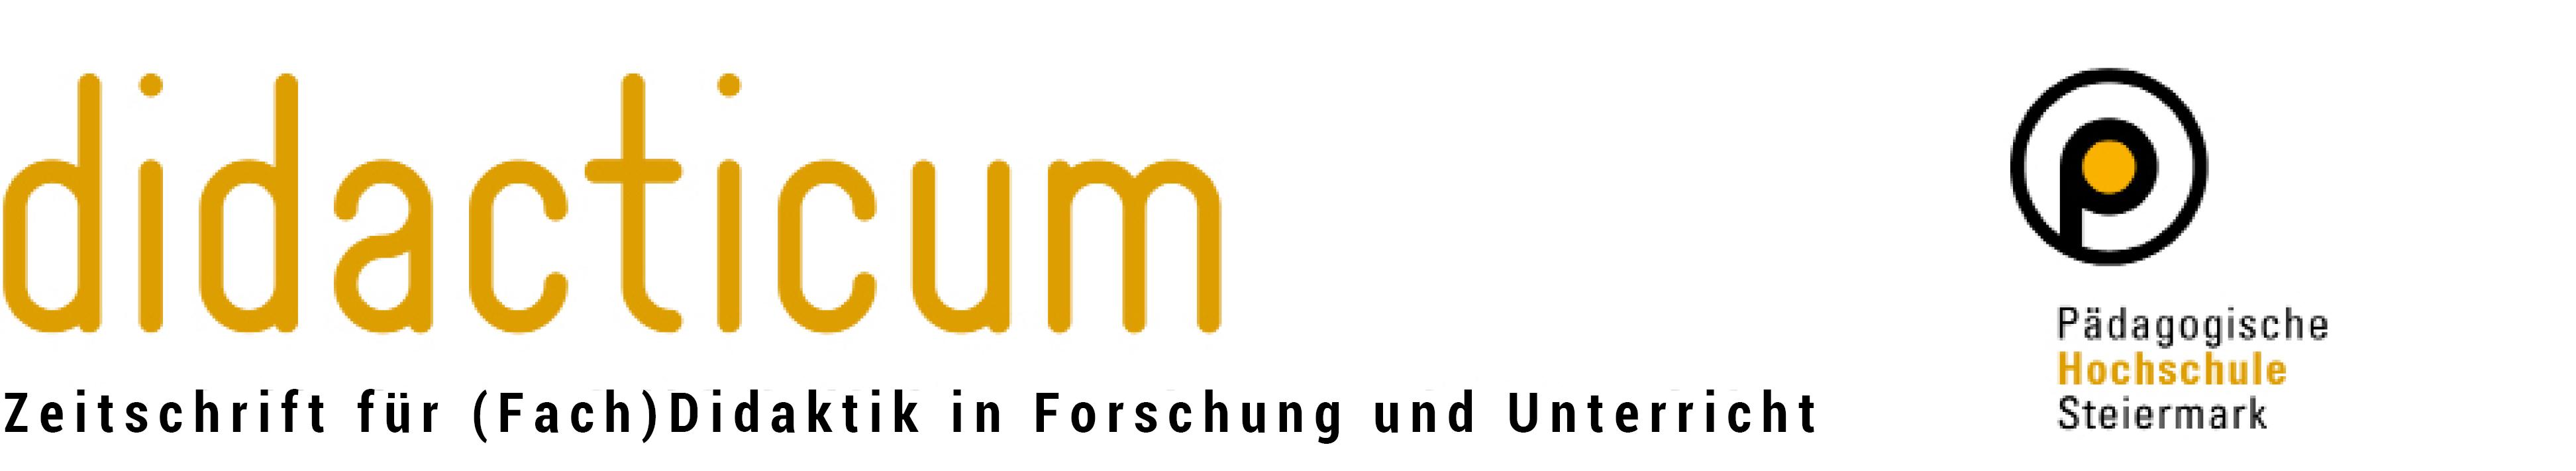 Zeitschrift für (Fach)Didaktik in Forschung und Unterricht